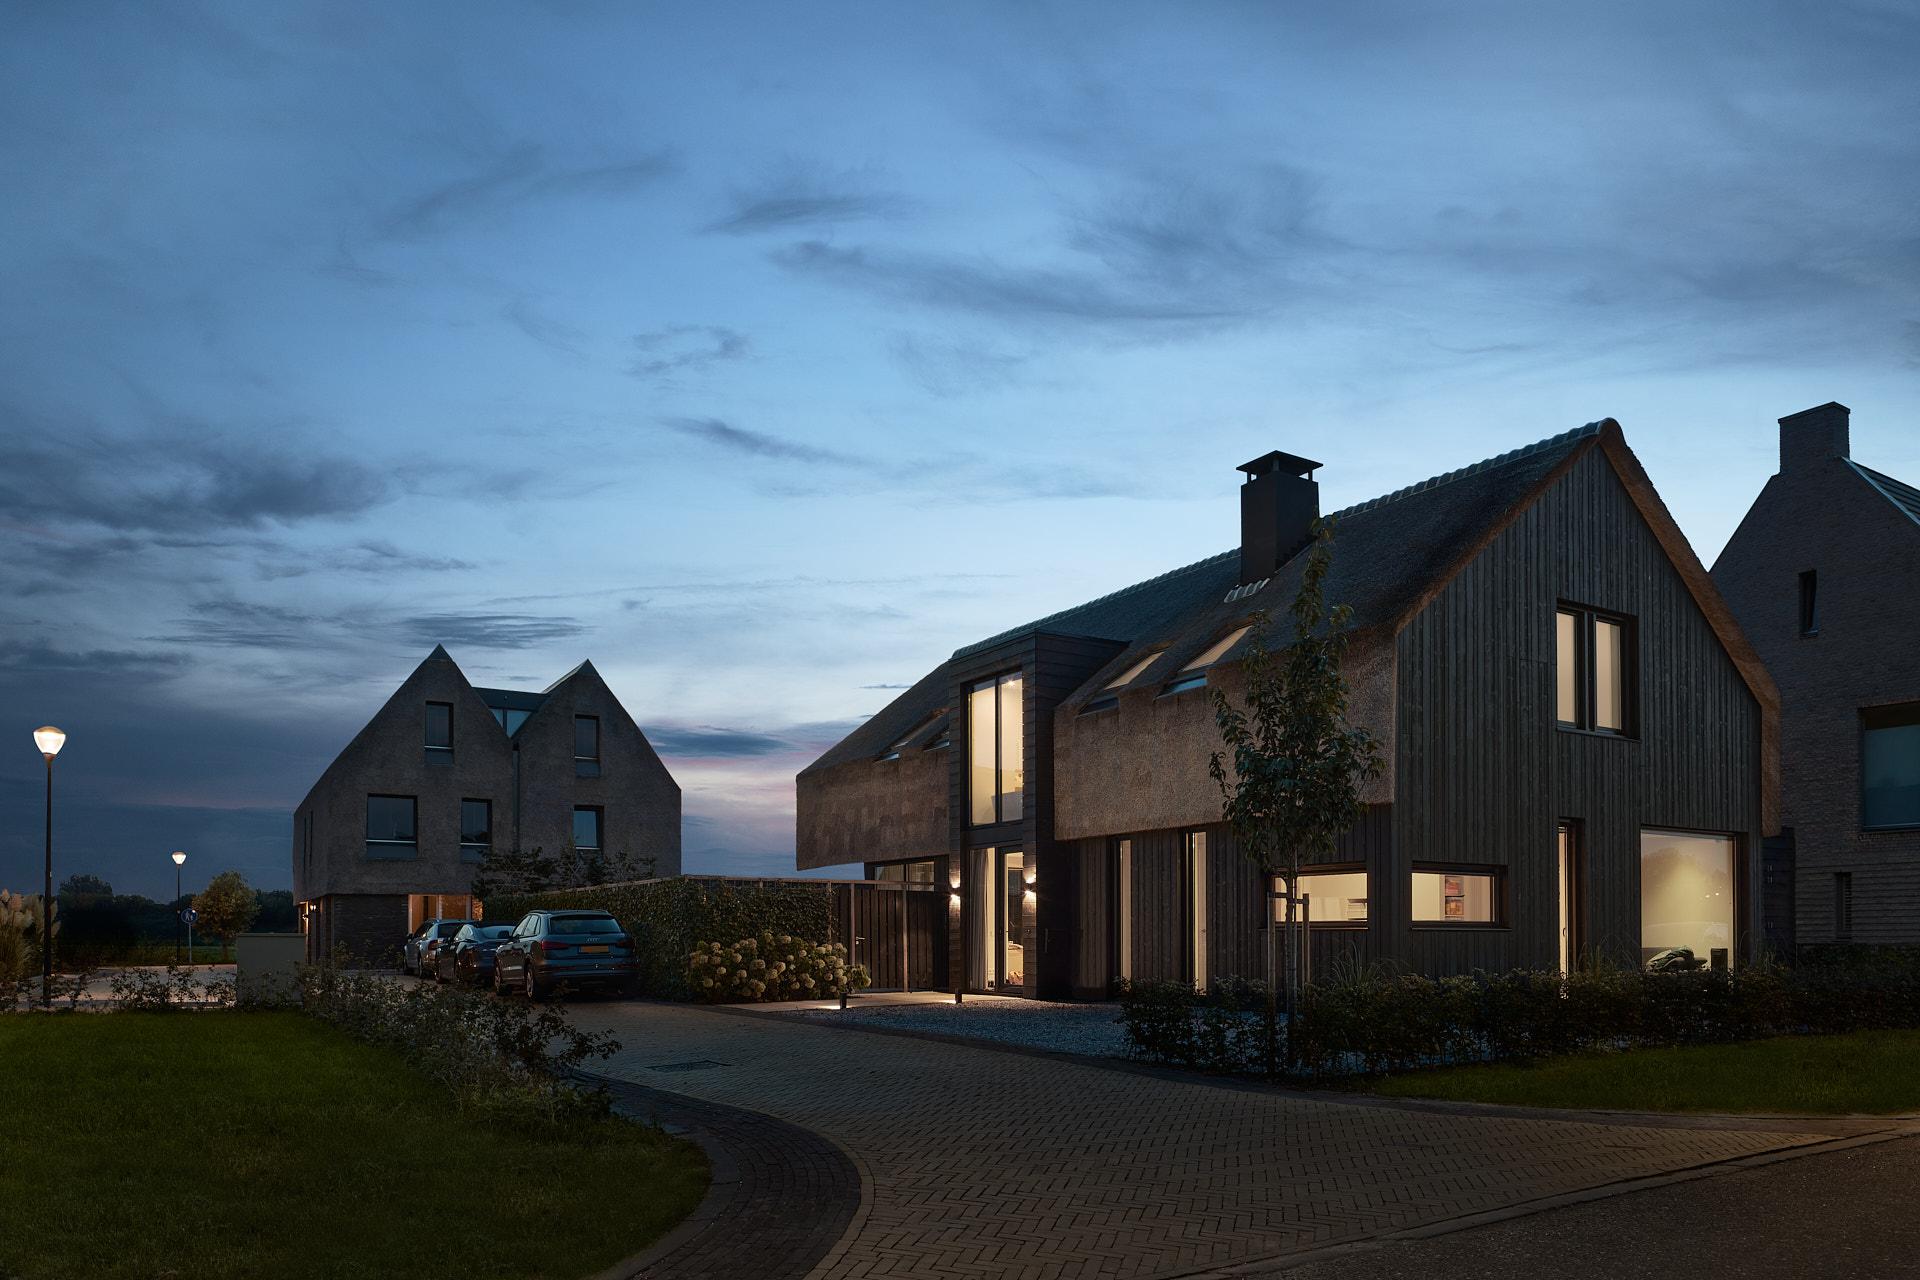 Moderne zwarte schuurwoning in abcoude door architect Maxim Winkelaar.